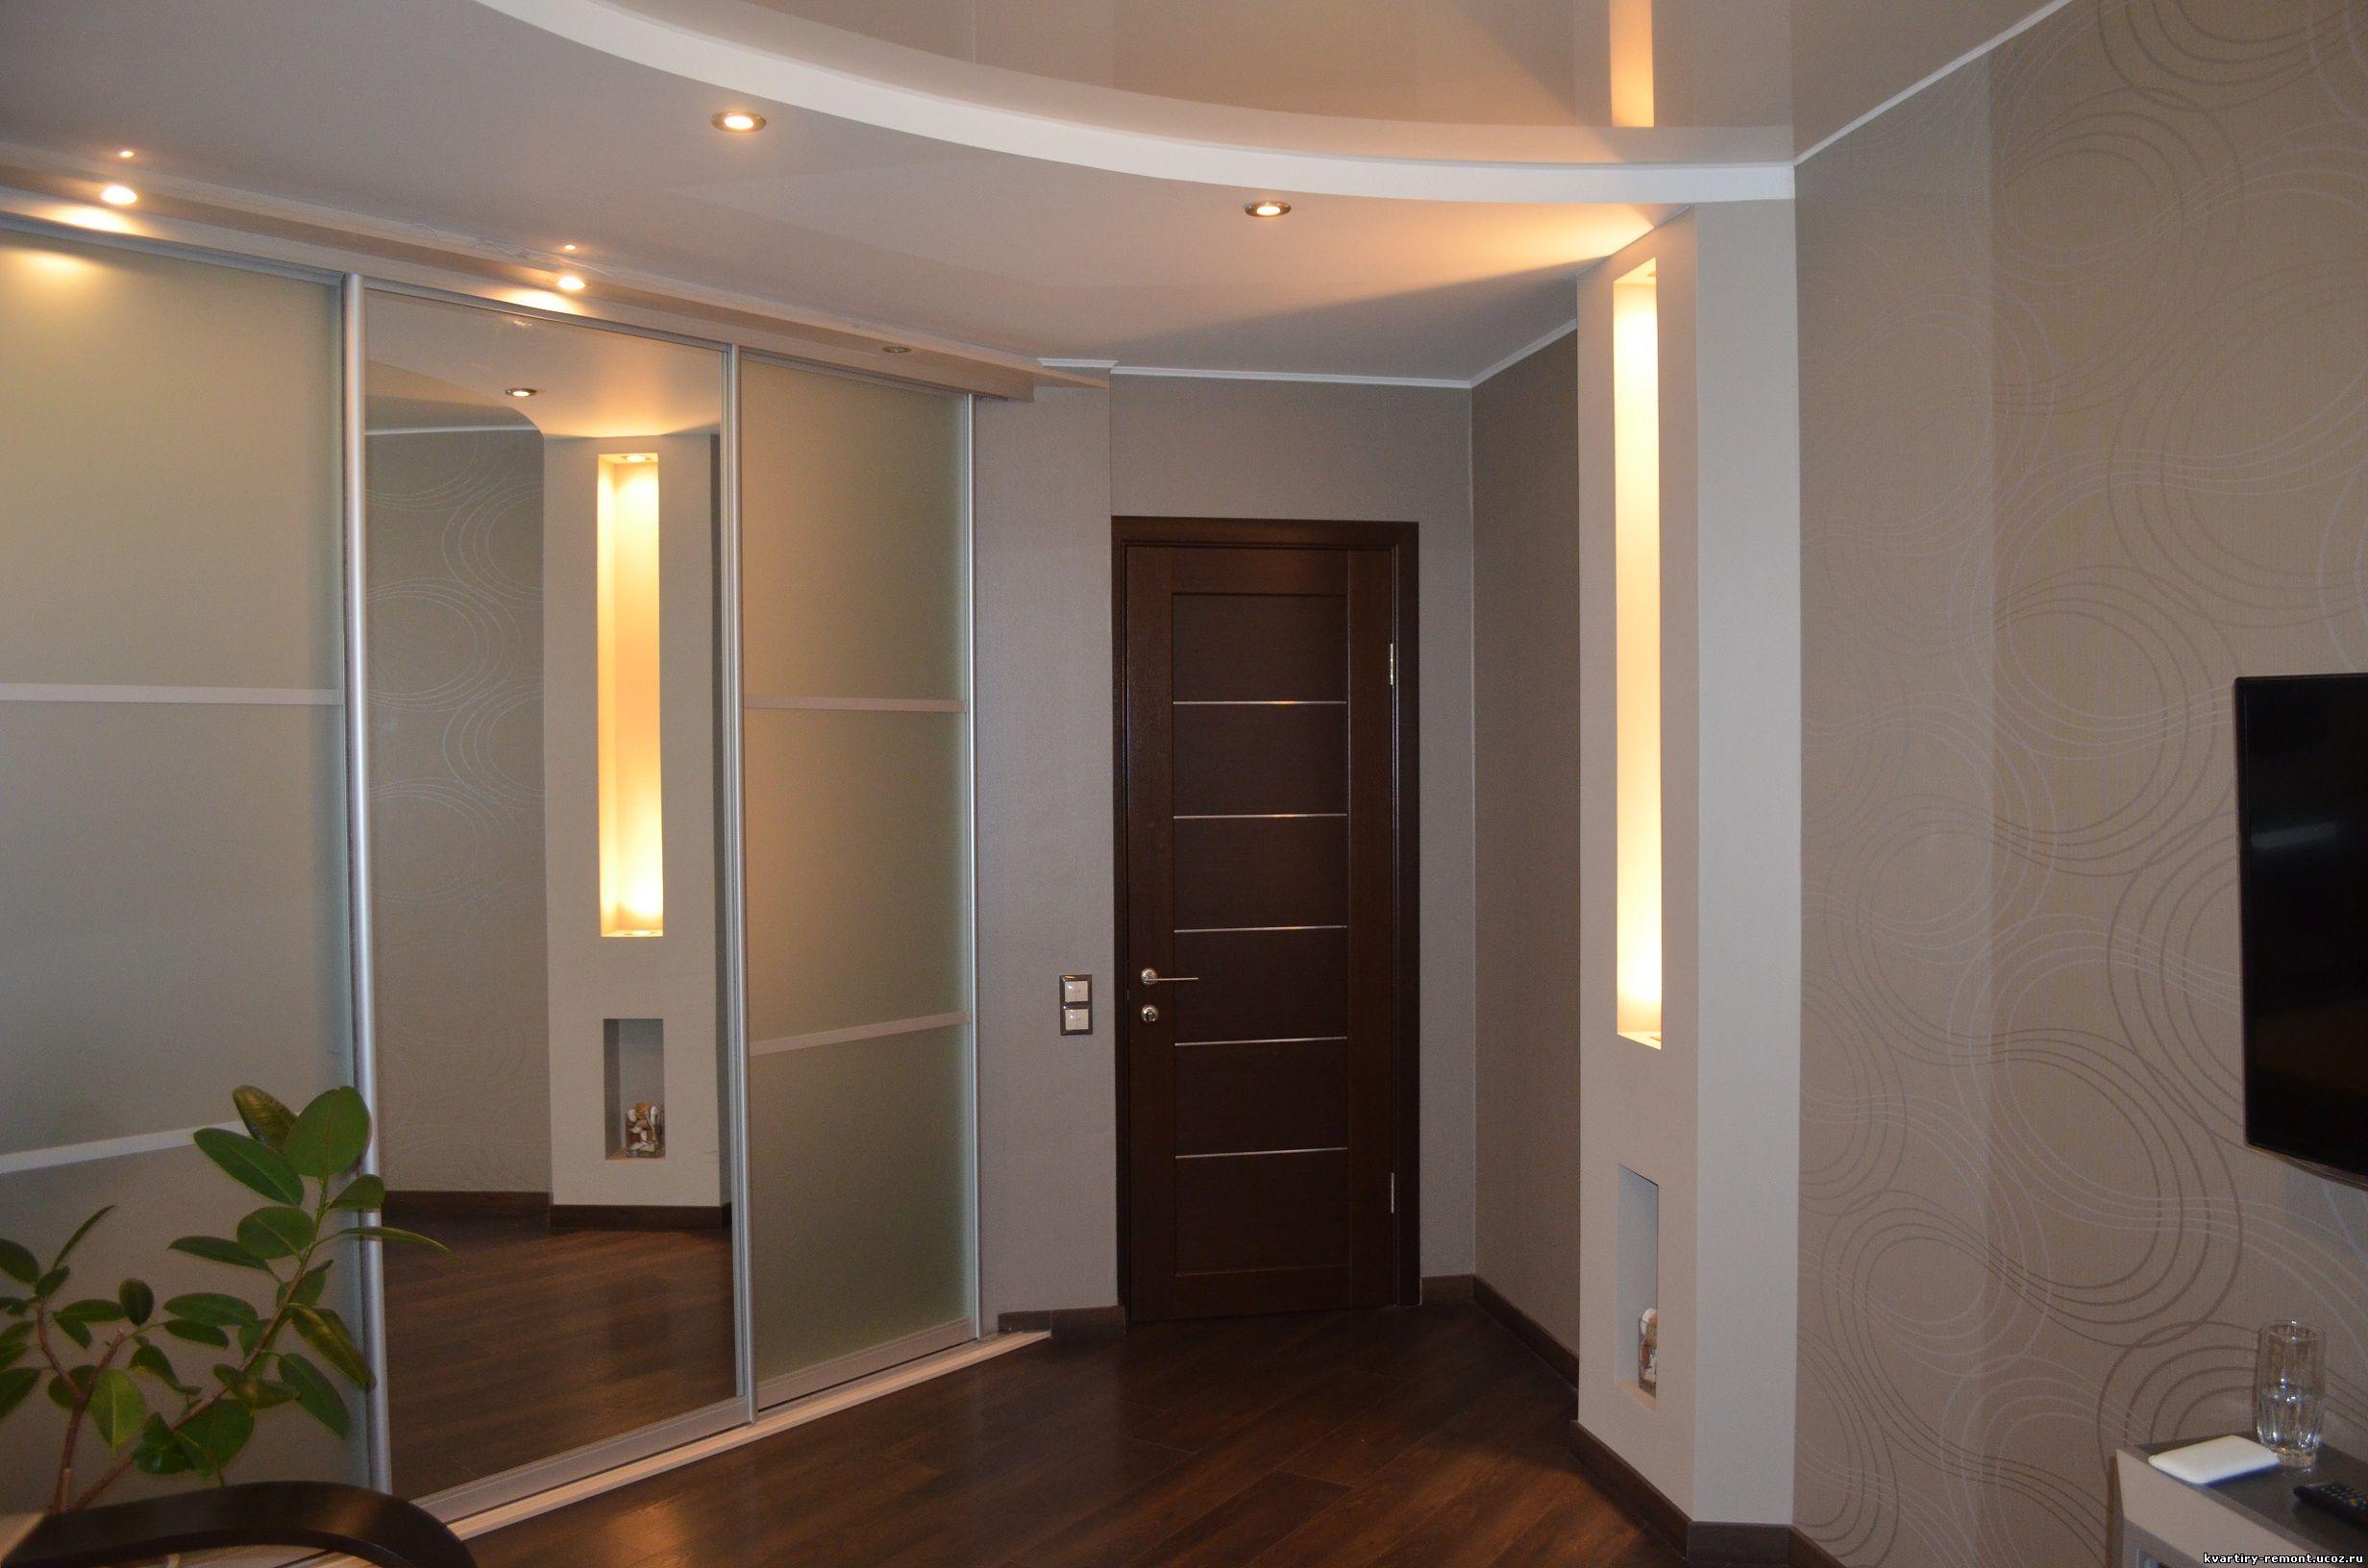 Строительство, ремонт, отделка, дизайн интерьера, полы